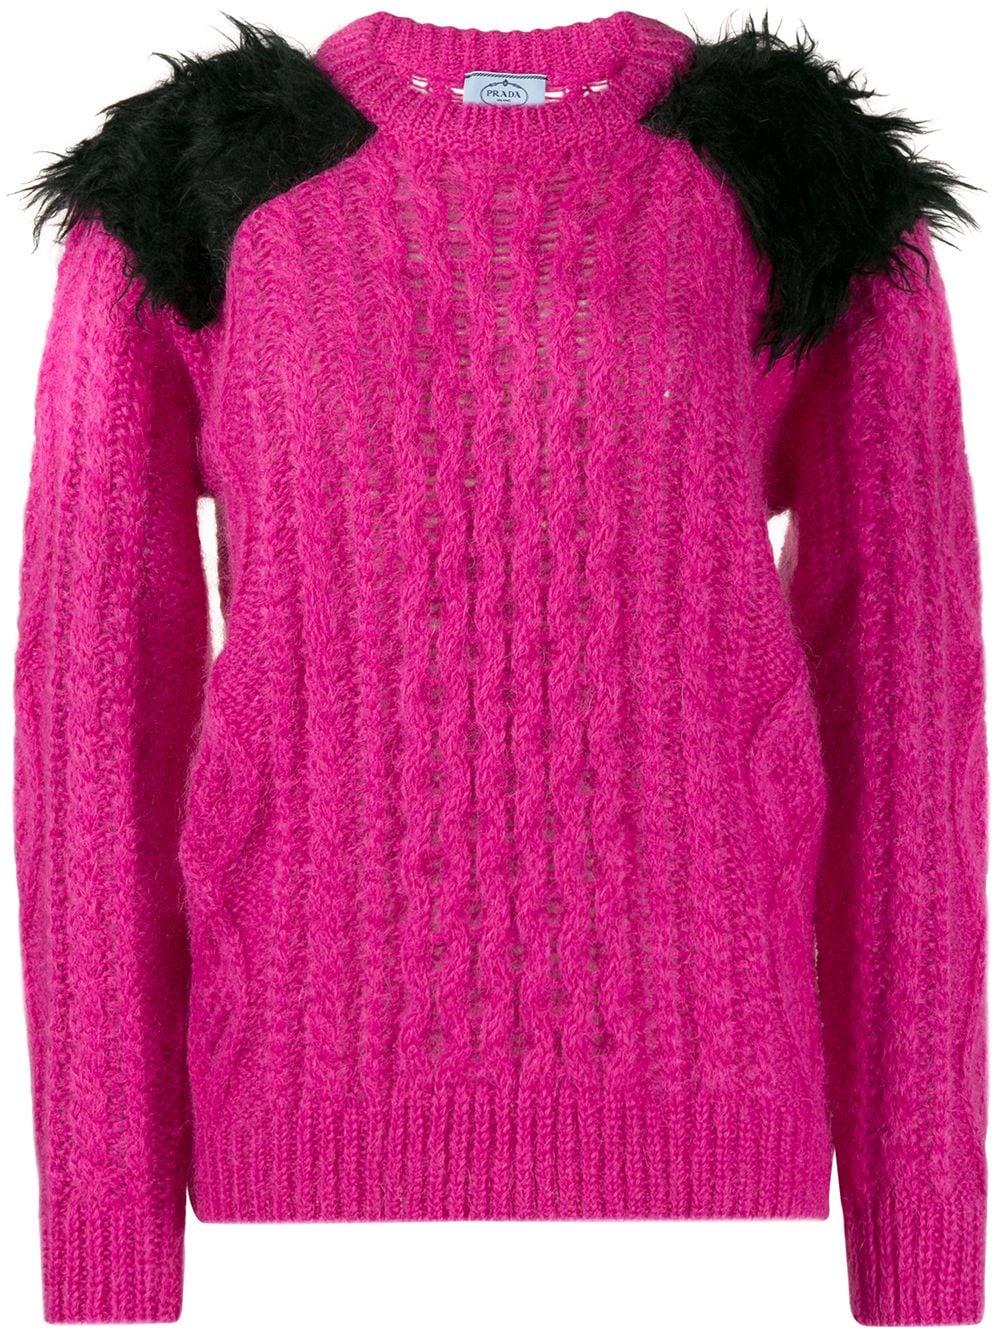 Prada Grob gestrickter Pullover - Rosa